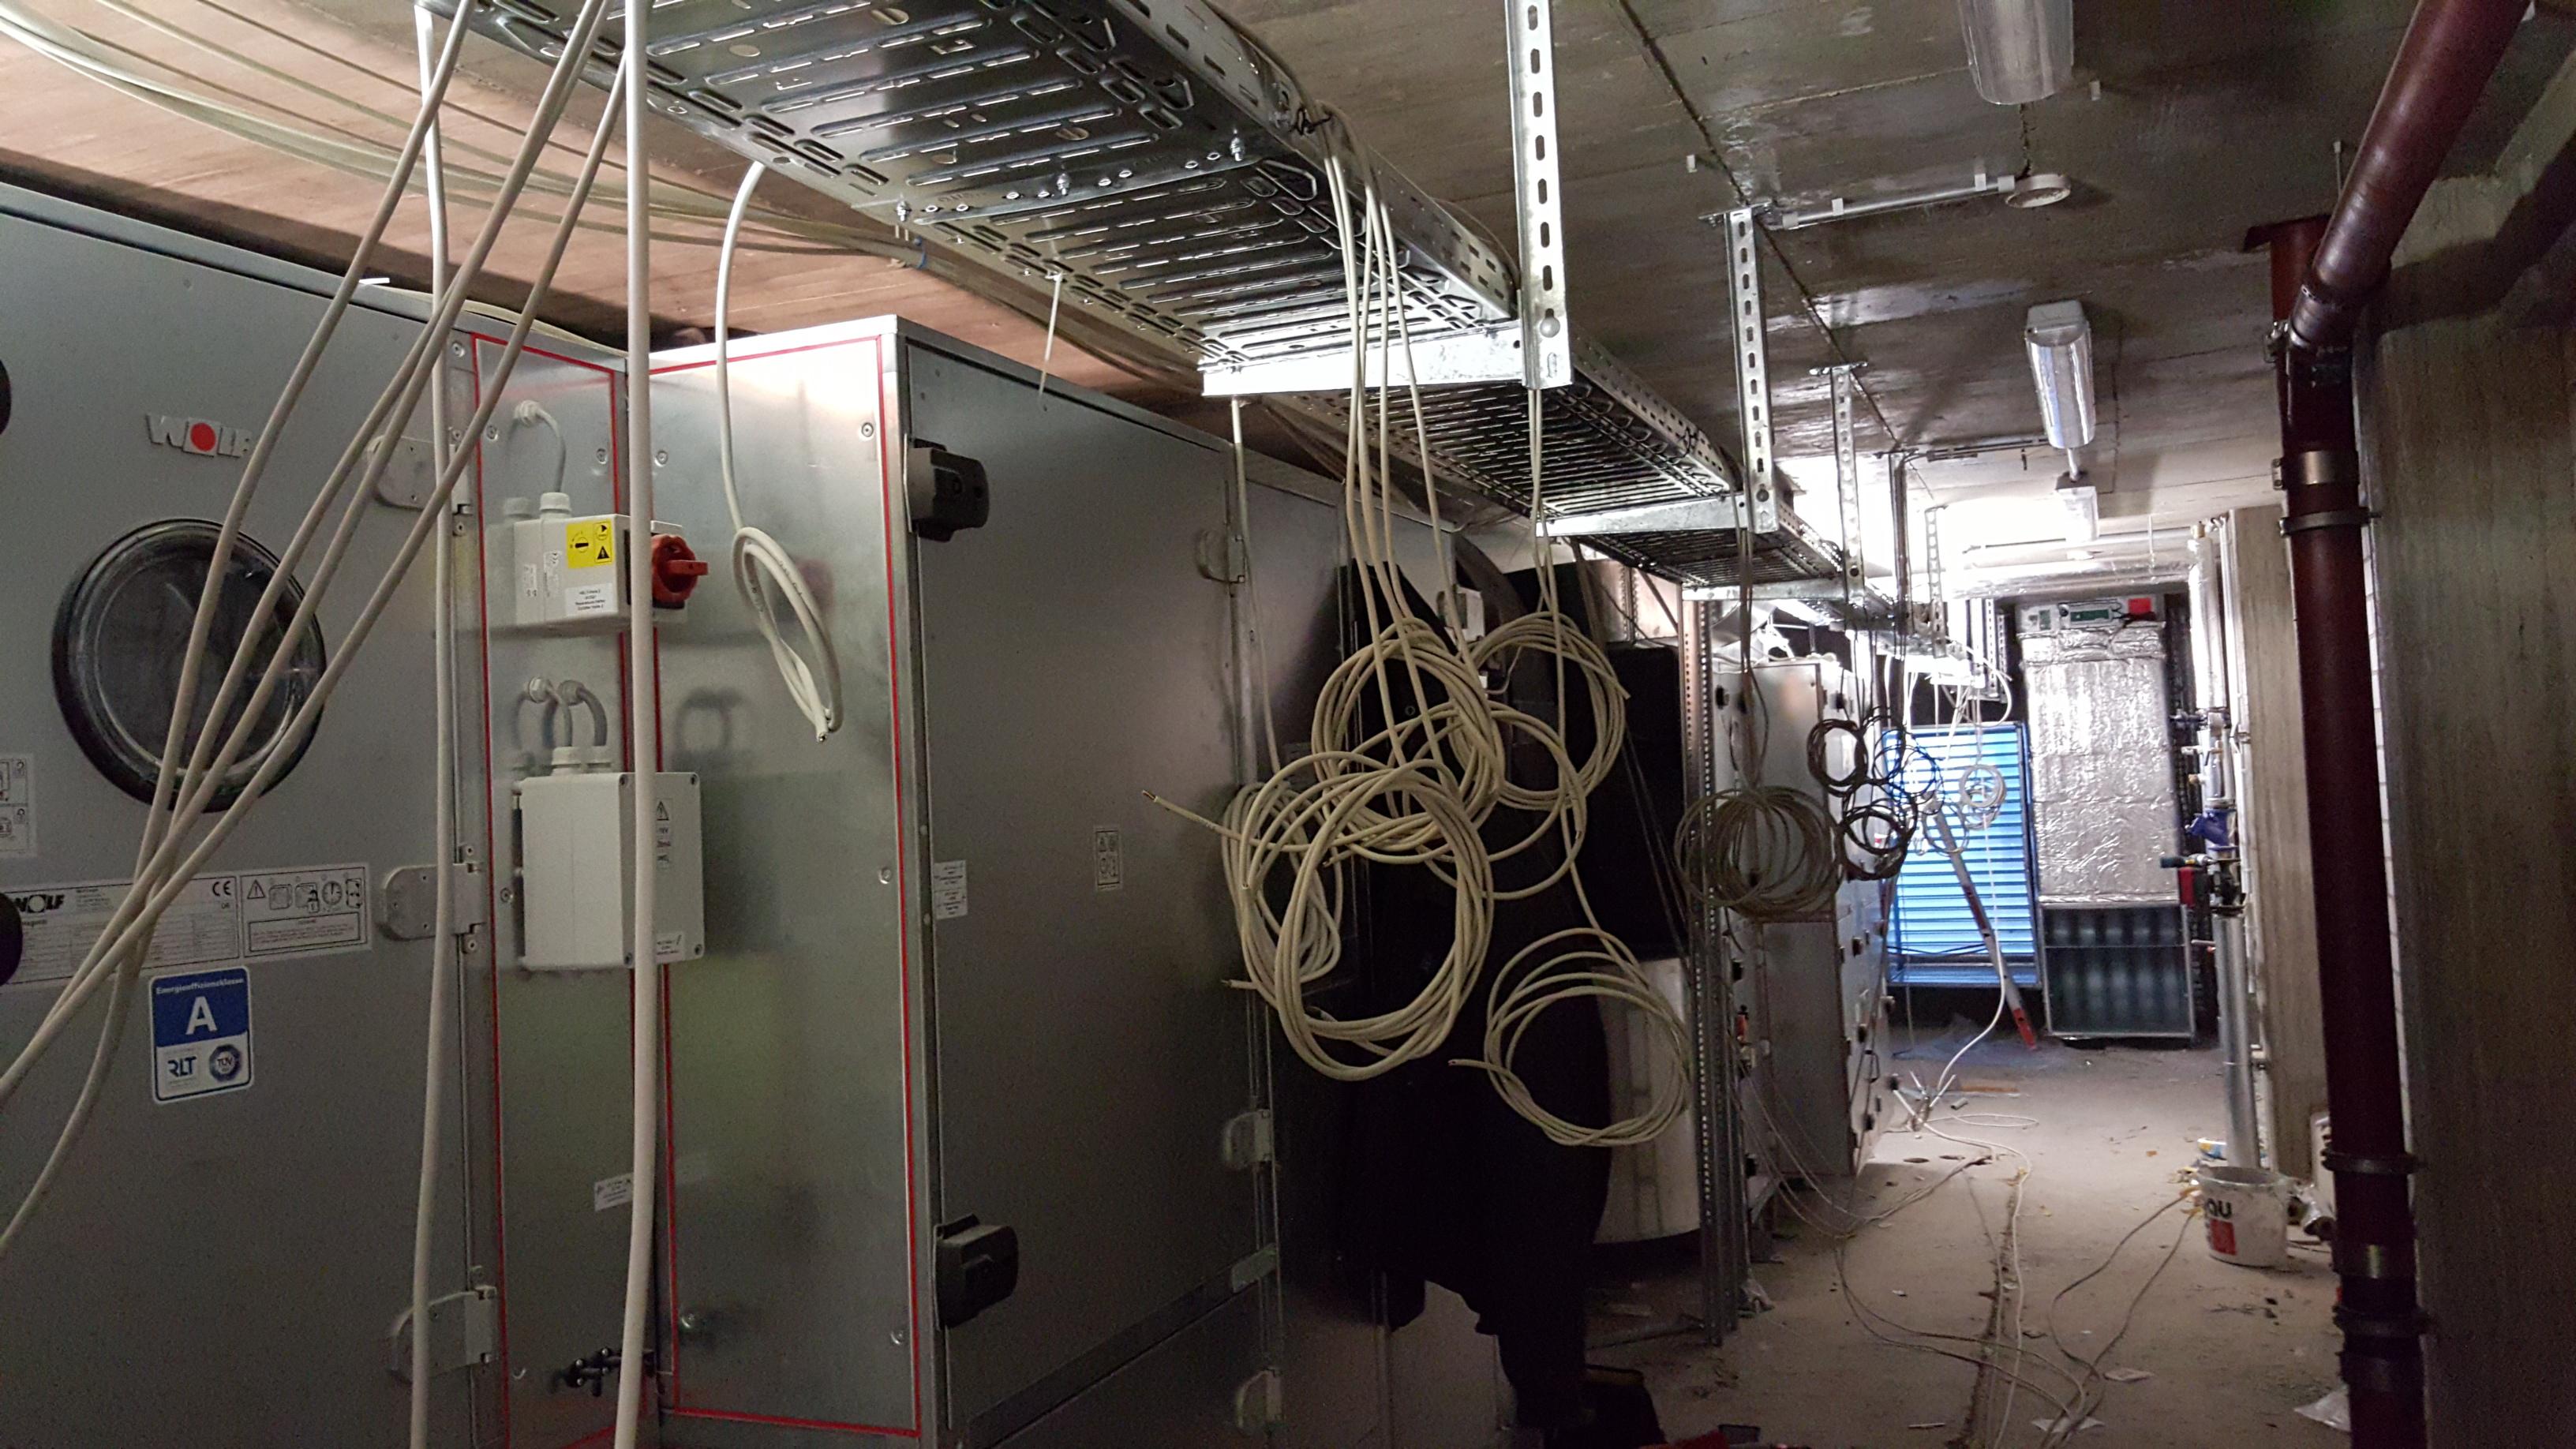 03.12.2015 Kabelzug in der Lüftungszentrale